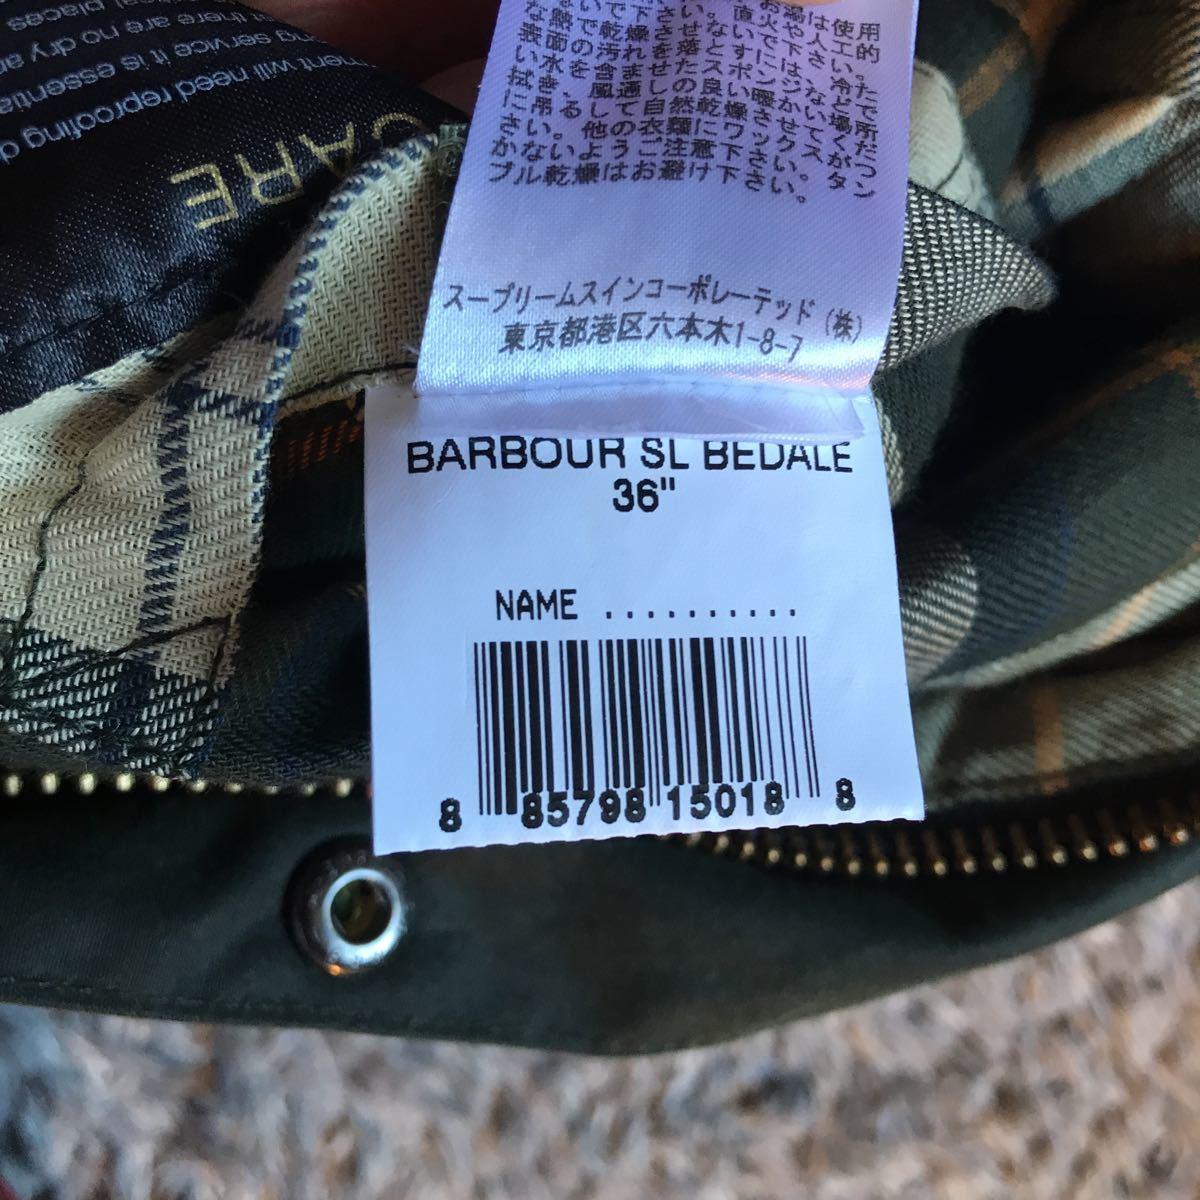 36サイズ Barbour Bedale SL バブアー ビデイル スリムフィット オイルドジャケット sage セージ 美品 オリーブ beaufort border 英国製_画像4